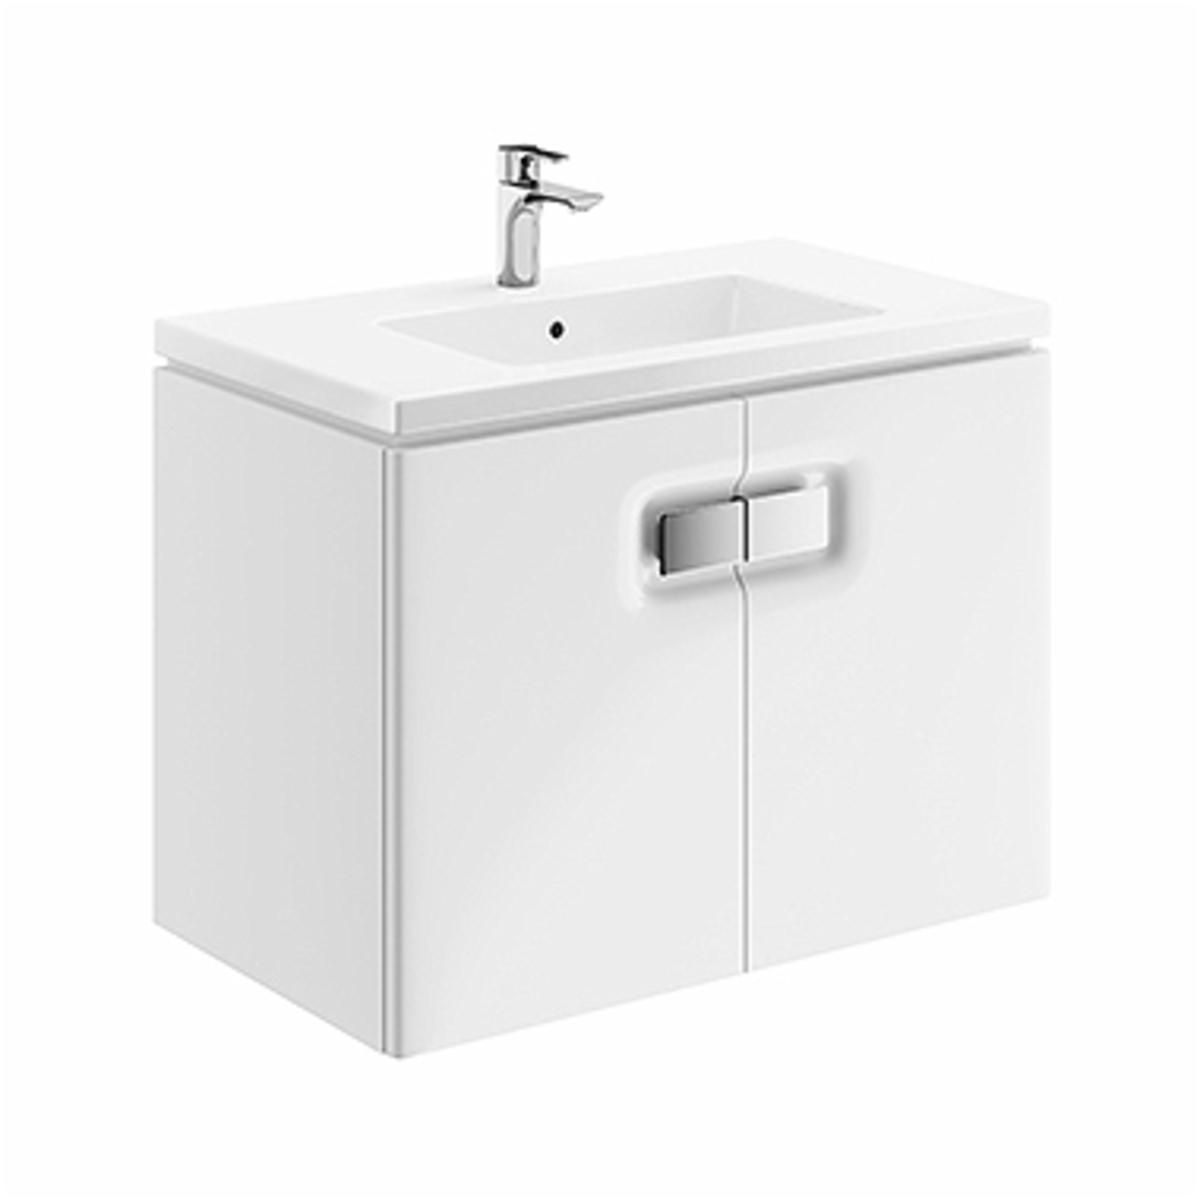 Kúpeľňová skrinka pod umývadlo KOLO Twins 80x57x46 cm biela lesk 89547000